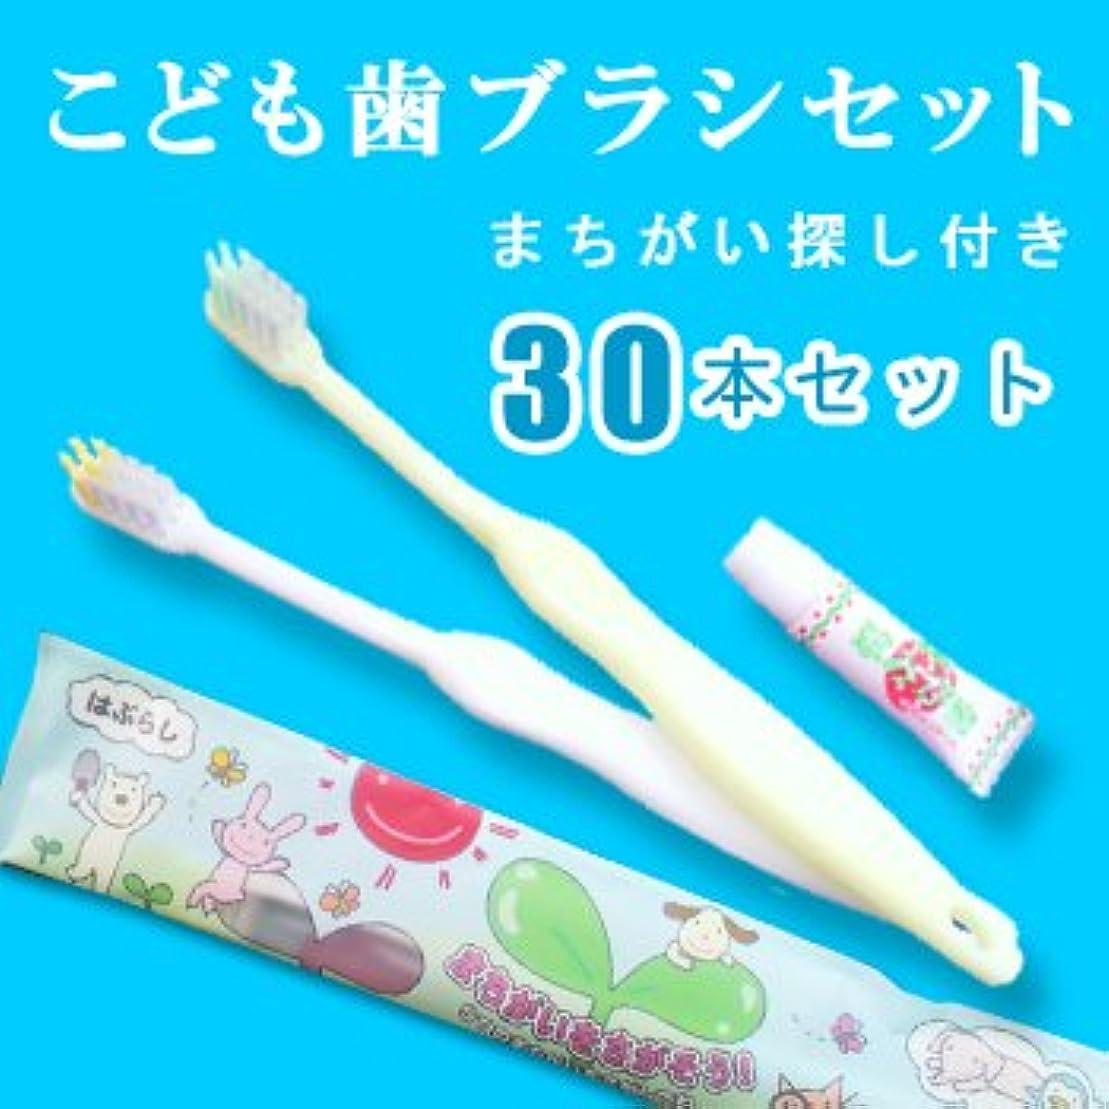 スピリチュアル性差別徹底こども歯ブラシ いちご味の歯磨き粉3gチューブ付 ホワイト?イエロー各15本アソート(1セット30本)